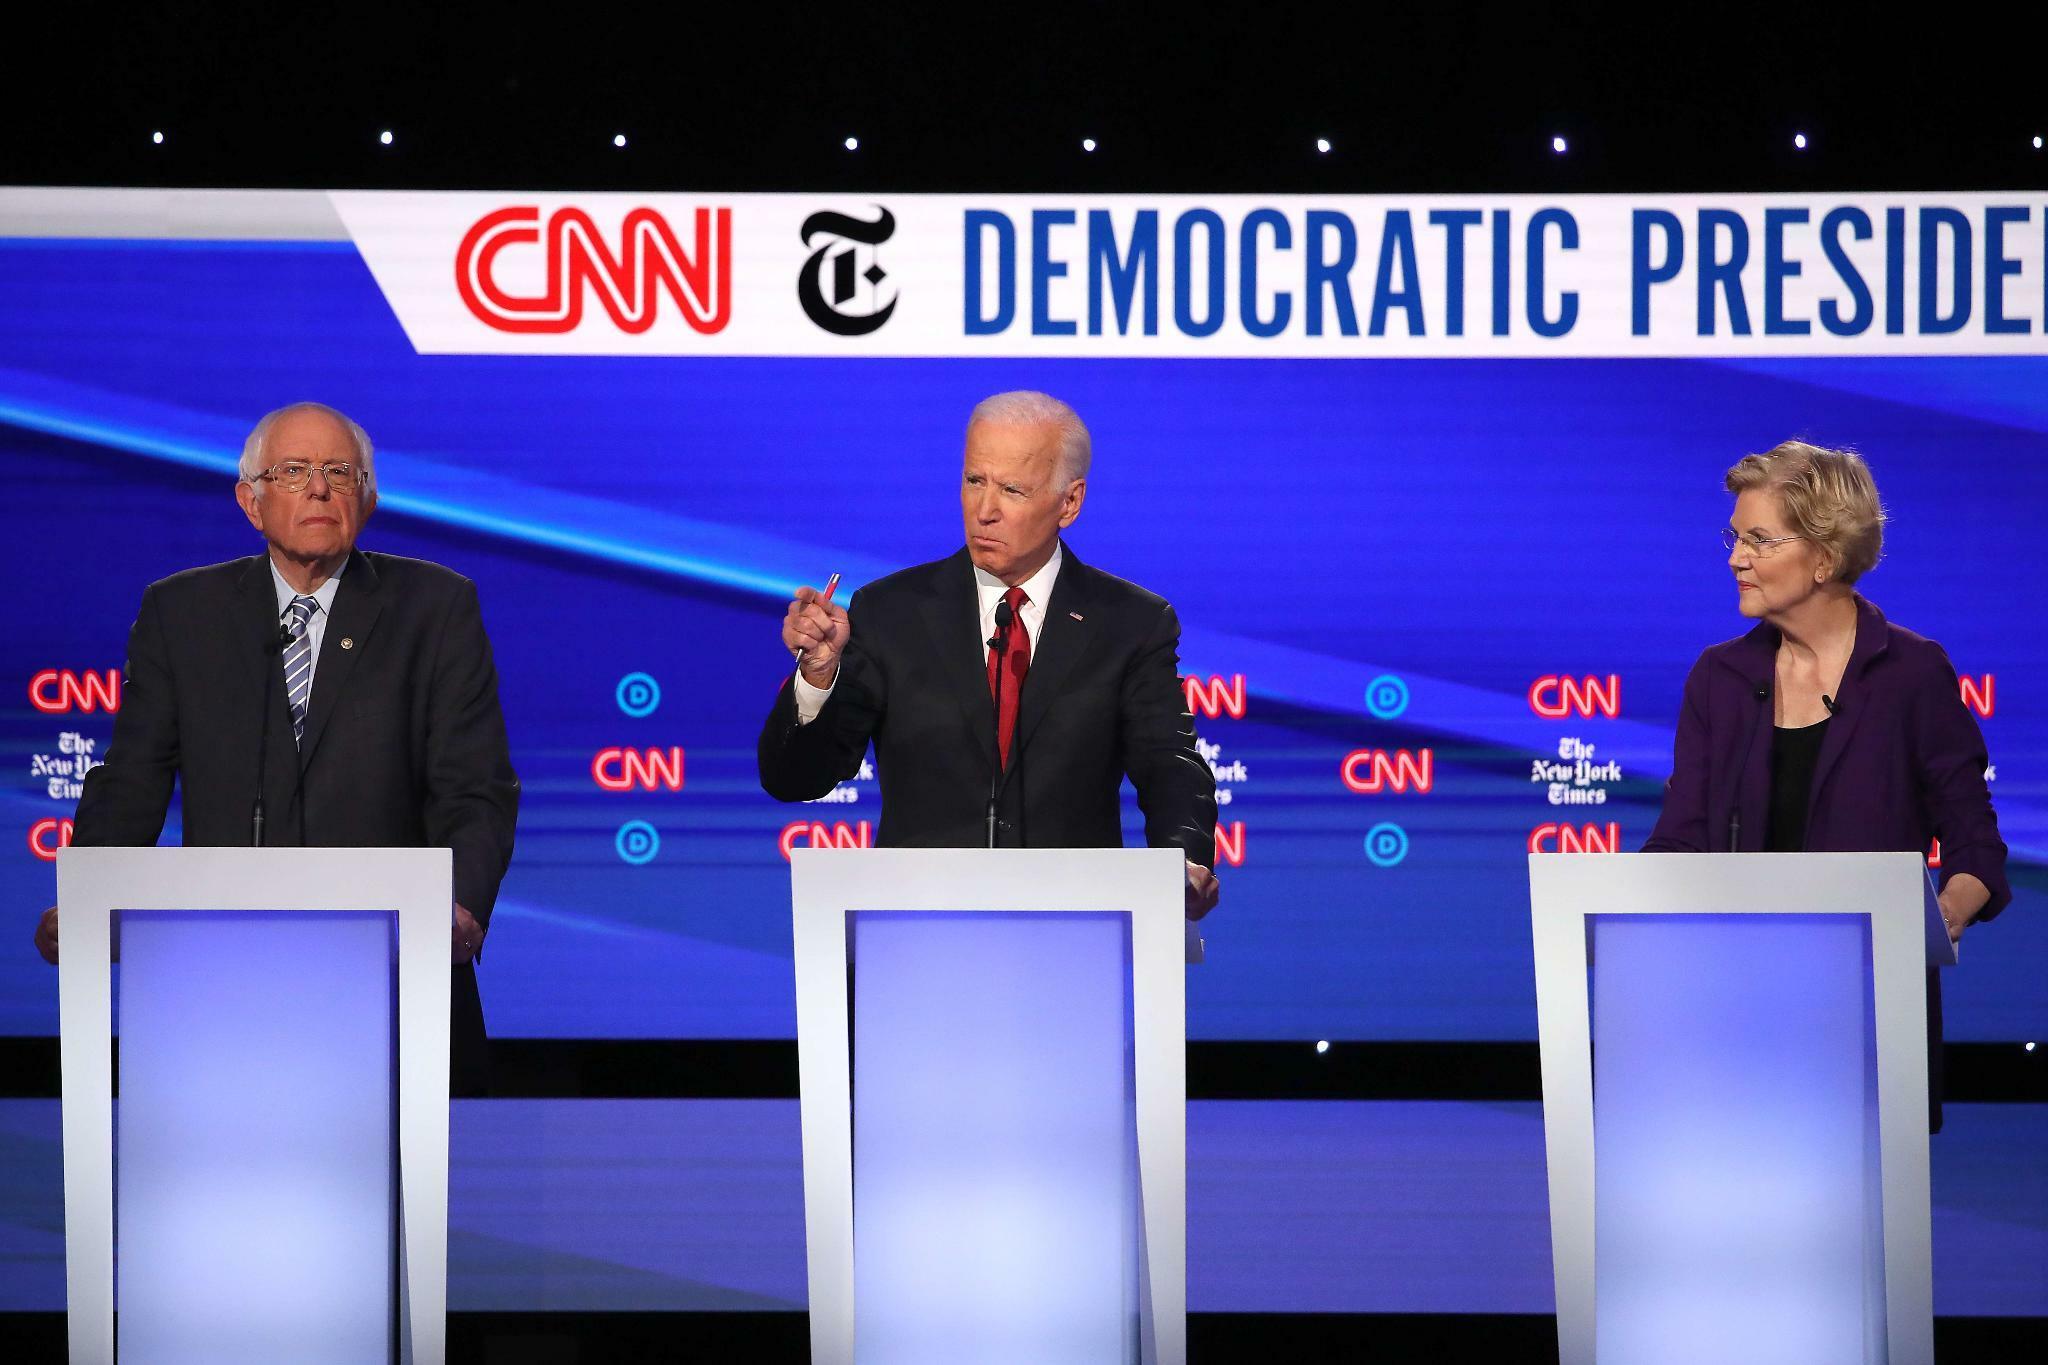 TV-Debatte der US-Demokraten: Joe Biden muss sich in Ukraine-Affäre erklären